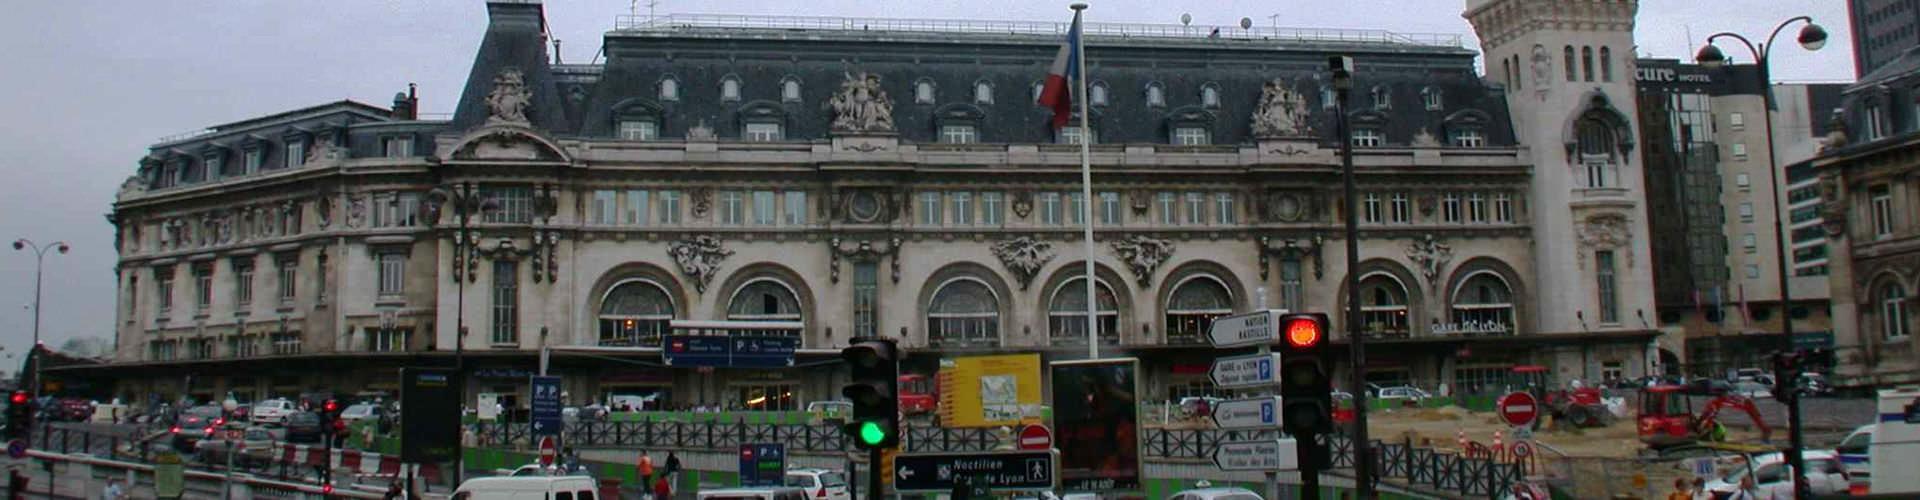 パリ – リヨン駅の近くにあるキャンプ場. 地図 パリ, すべてのキャンプ場の写真とレビュー パリ.